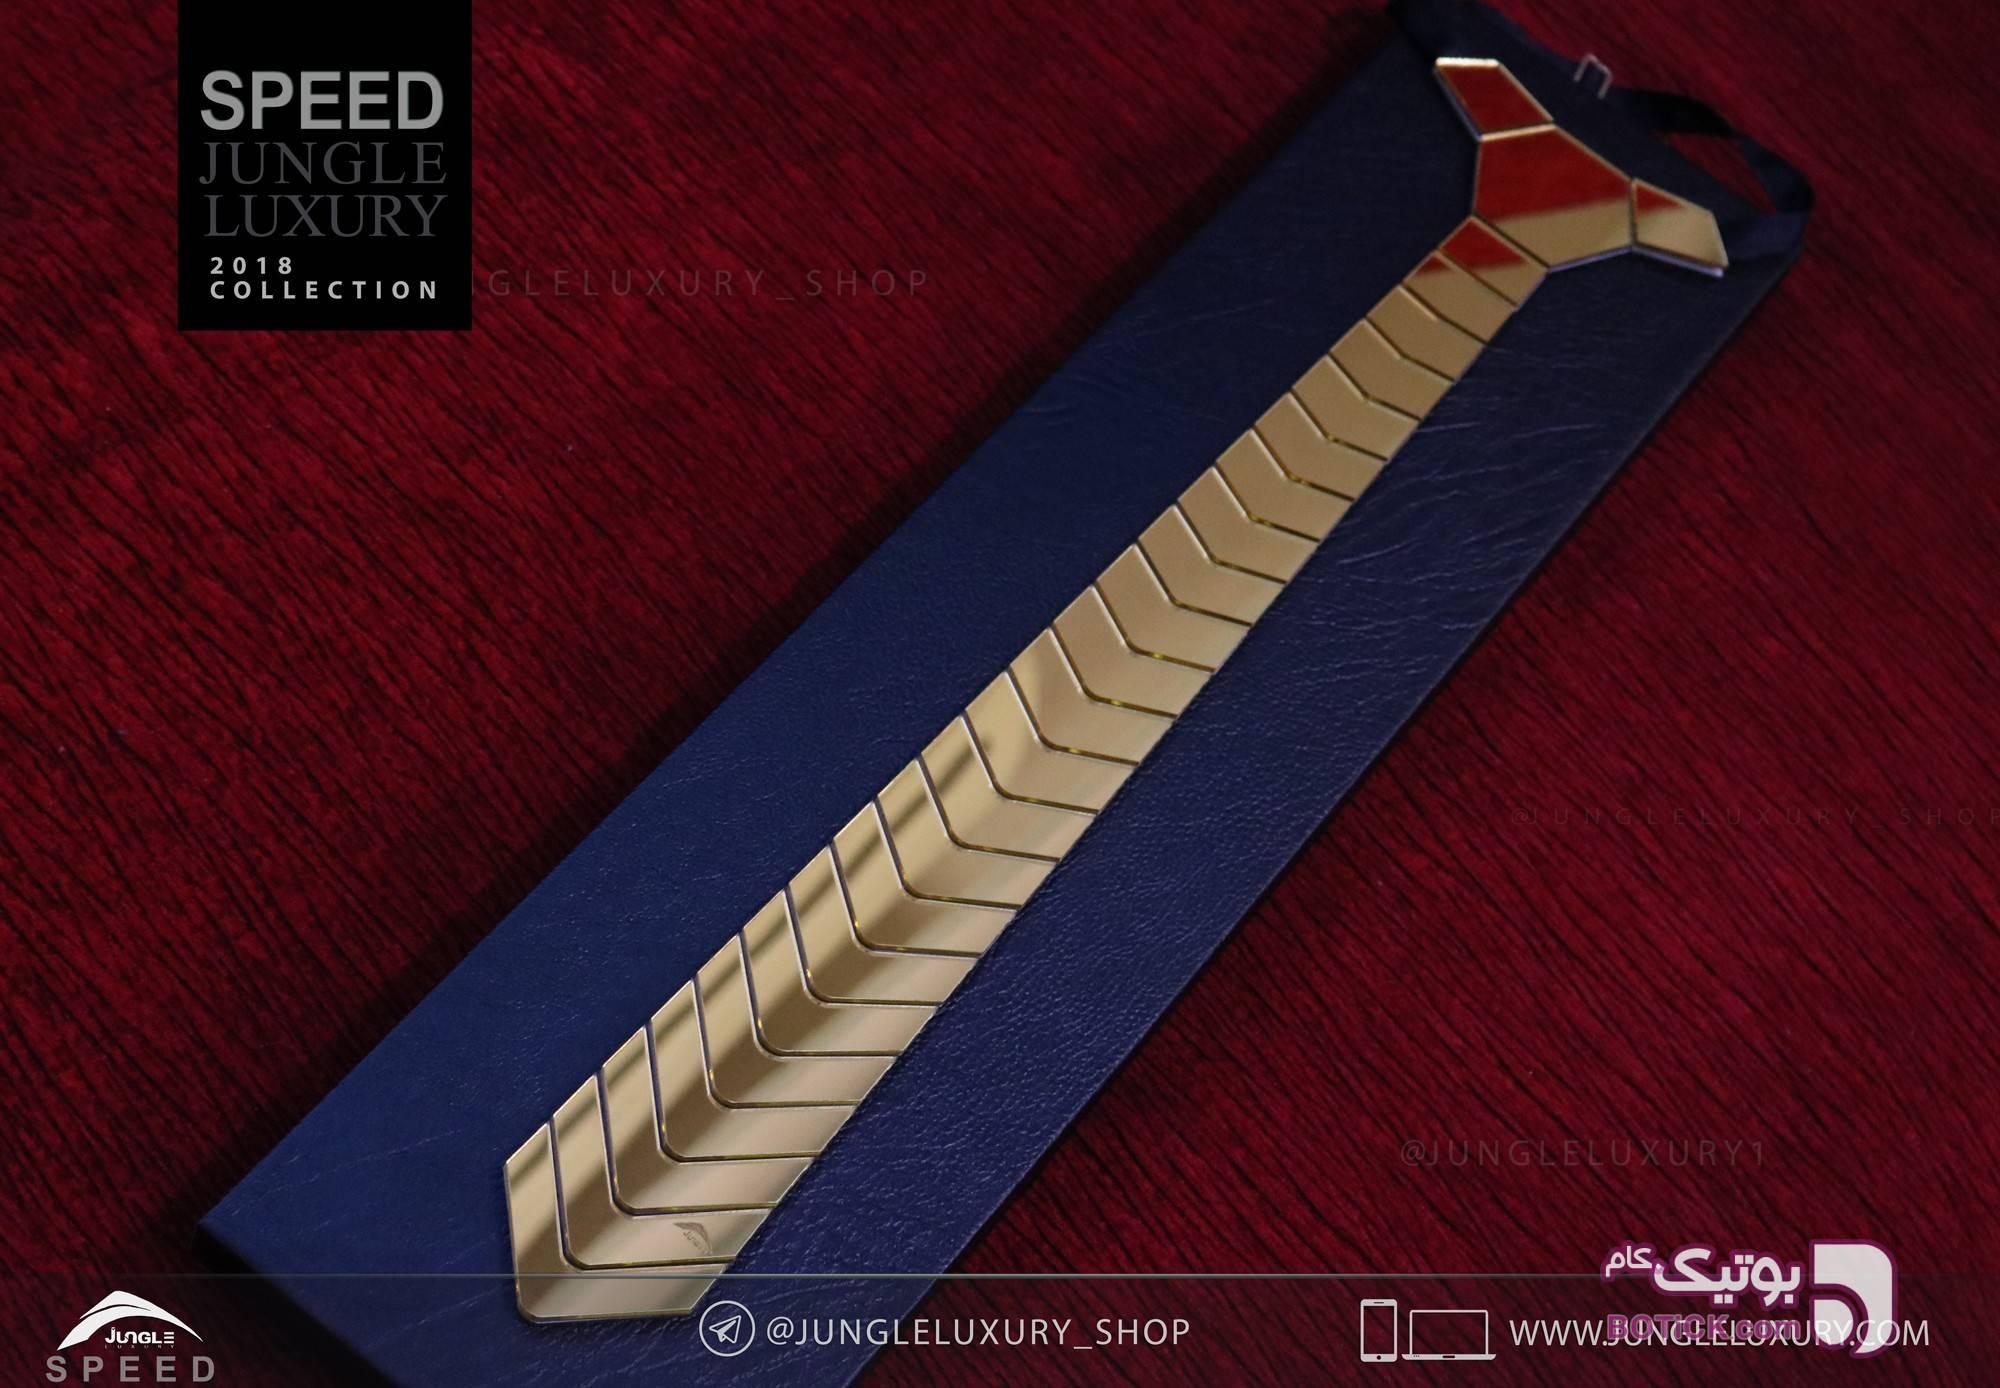 کراوات طلایی - مدل اسپید جانگل لاکچری طلایی كراوات و پاپيون